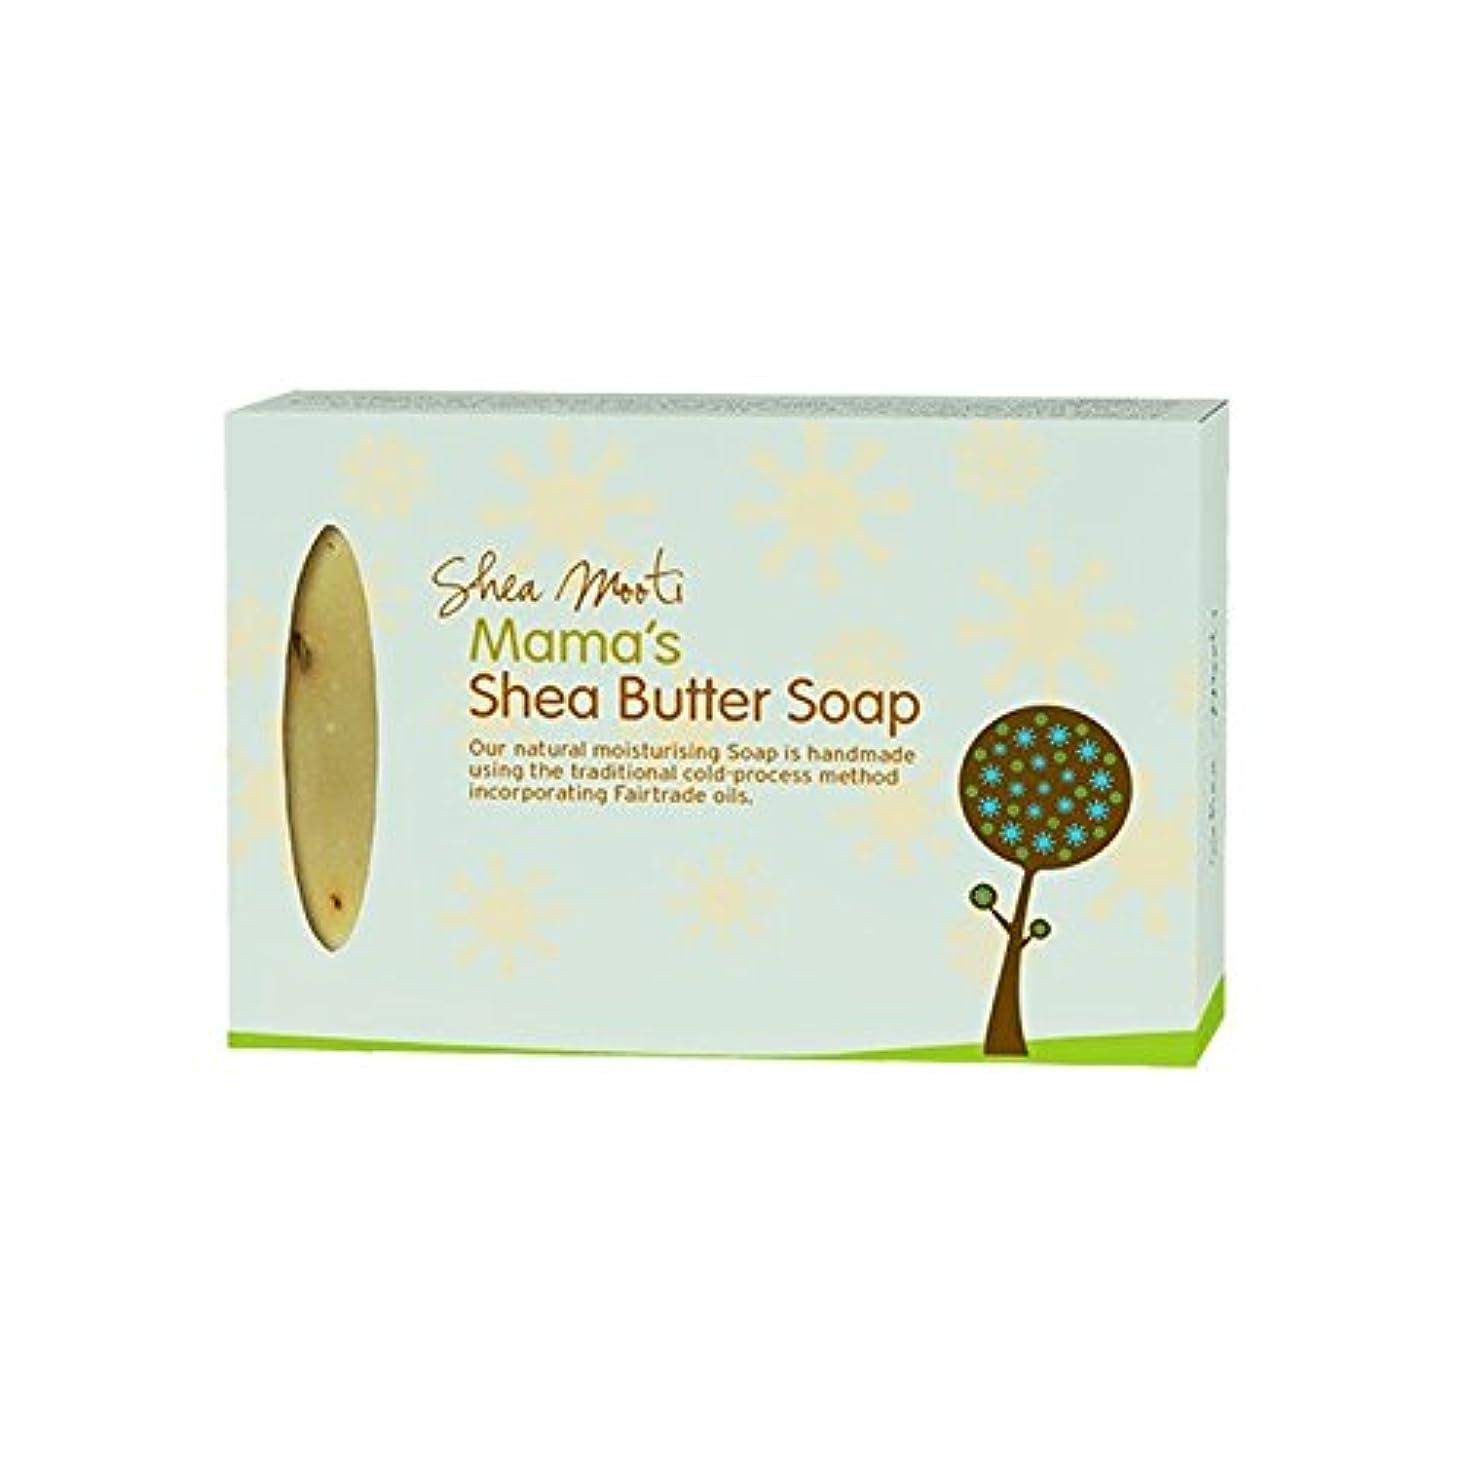 メッセージ準備した敬意を表してシアバターMootiママのシアバターソープ100グラム - Shea Mooti Mama's Shea Butter Soap 100g (Shea Mooti) [並行輸入品]